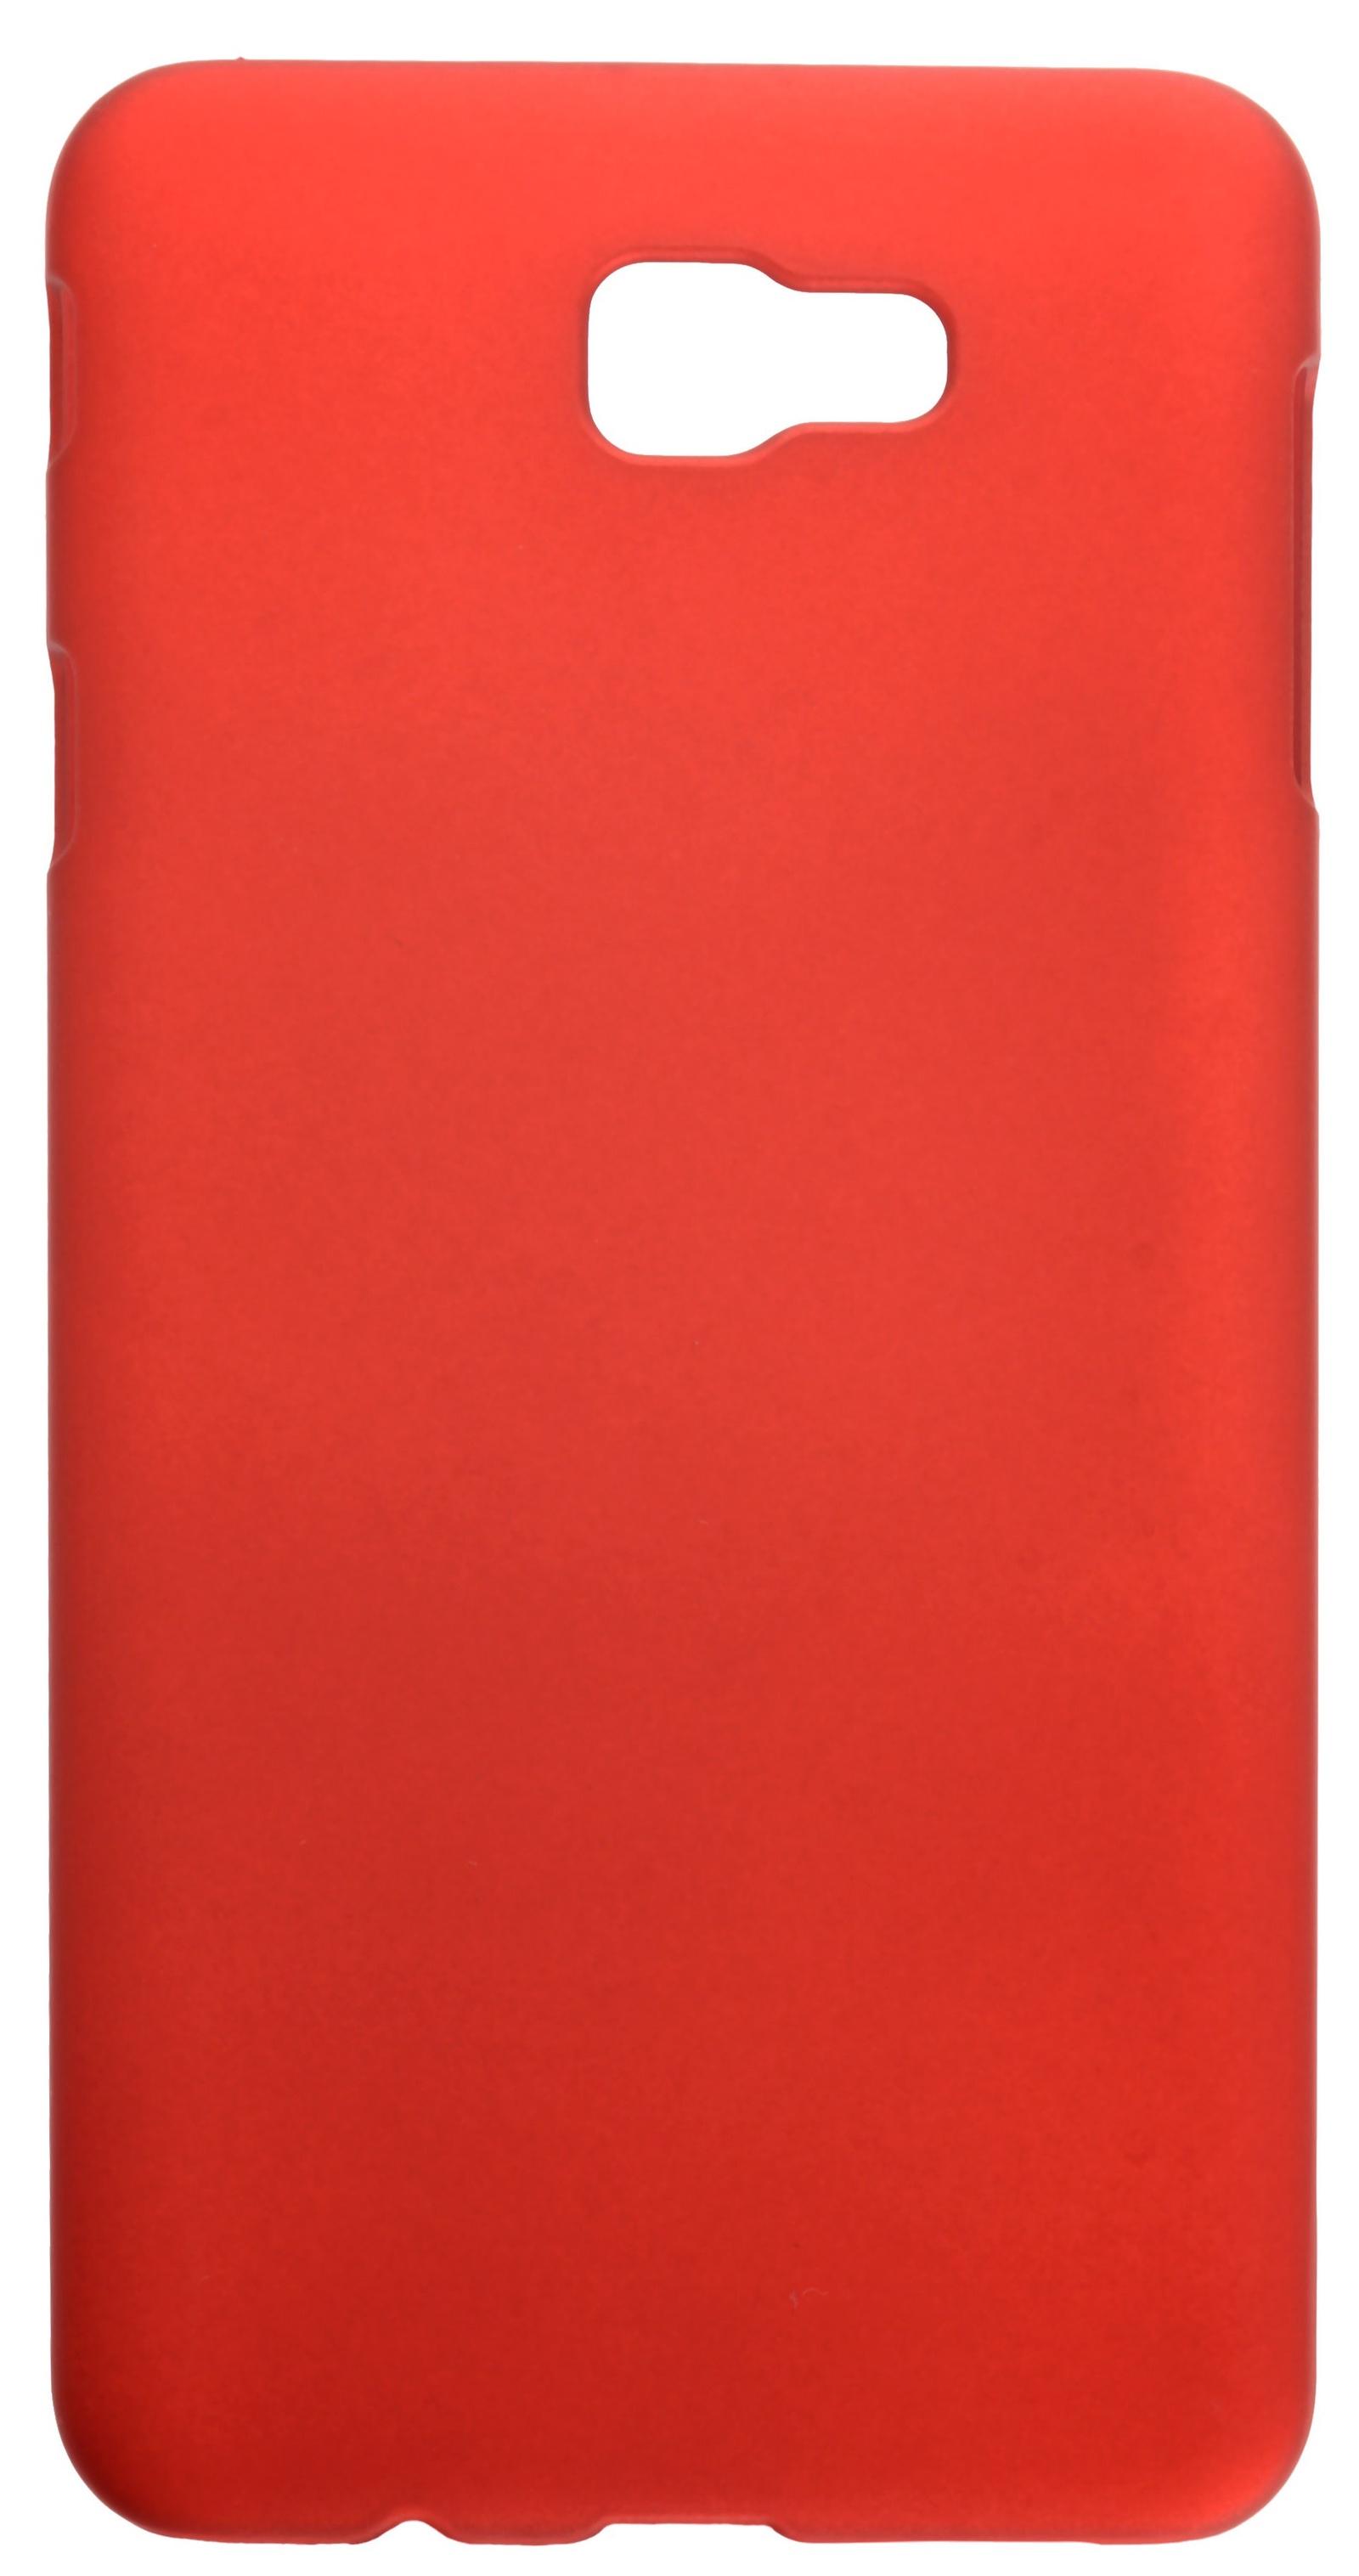 Чехол для сотового телефона skinBOX 4People, 4630042529014, красный стоимость